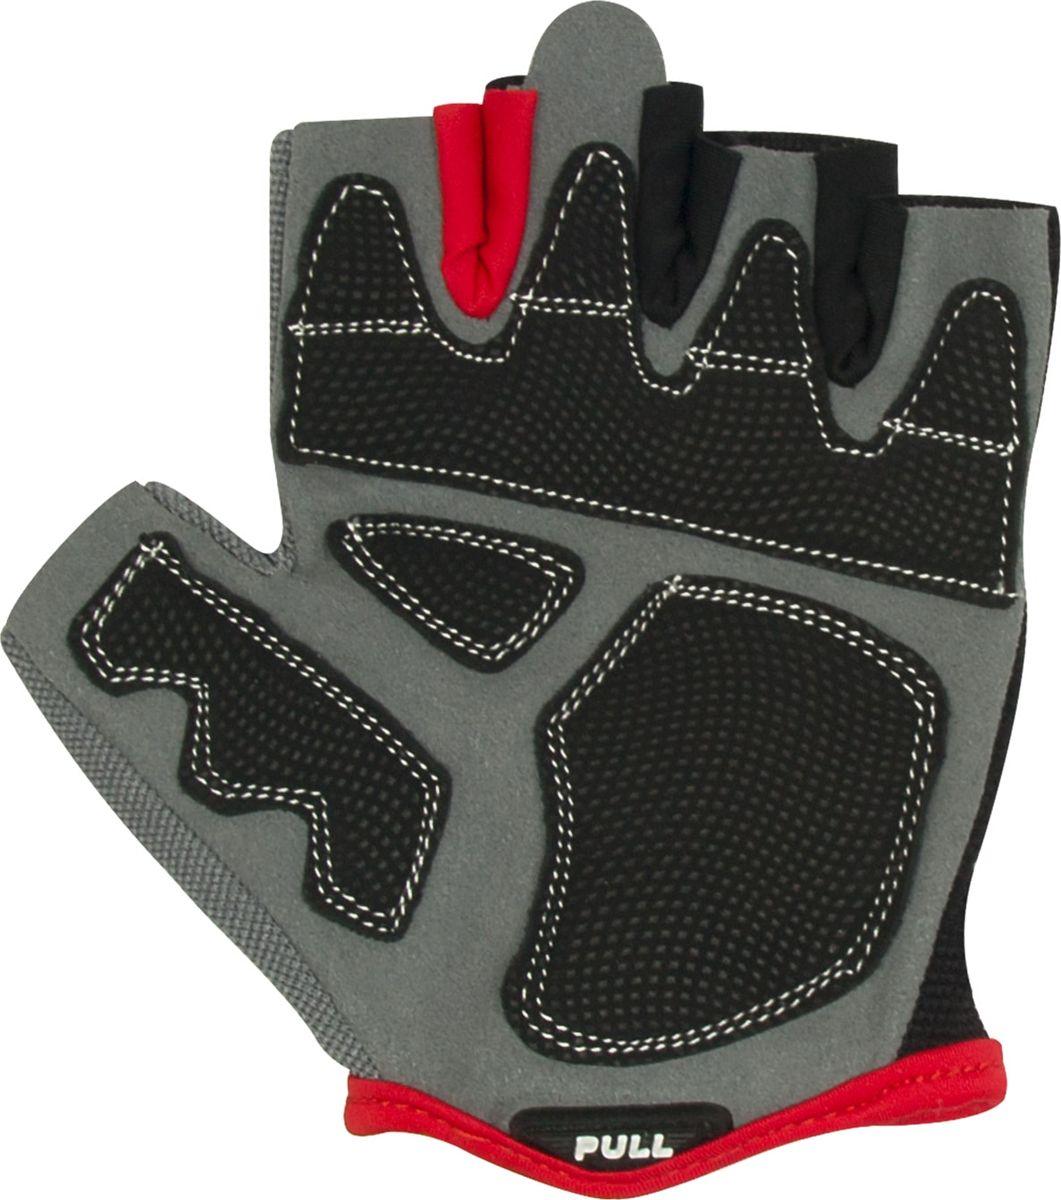 Перчатки для фитнеса Starfit  SU-117 , цвет: черный, серый, красный. Размер L - Одежда, экипировка